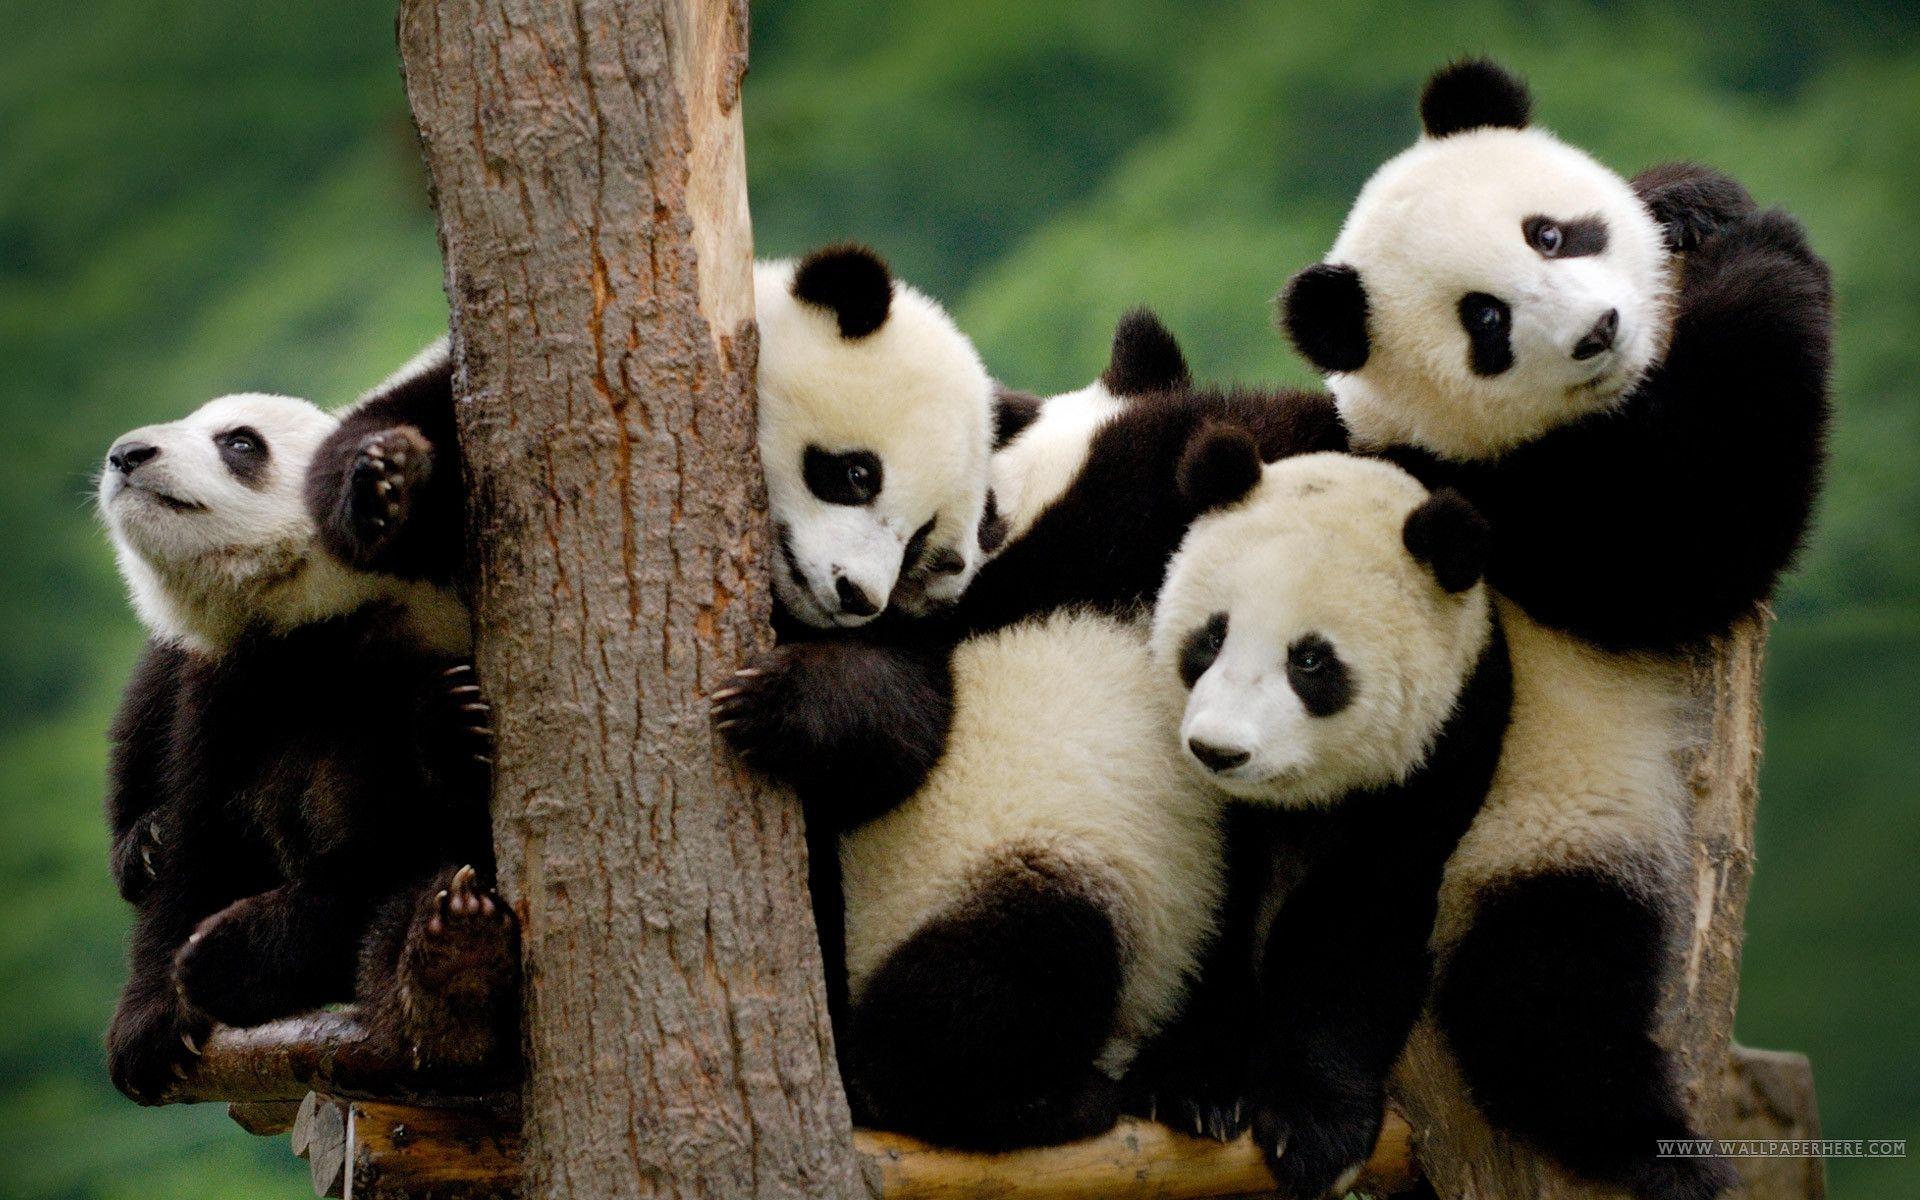 Cute Panda Wallpaper Hd Panda Wallpapers Cute Panda Wallpaper Panda Background